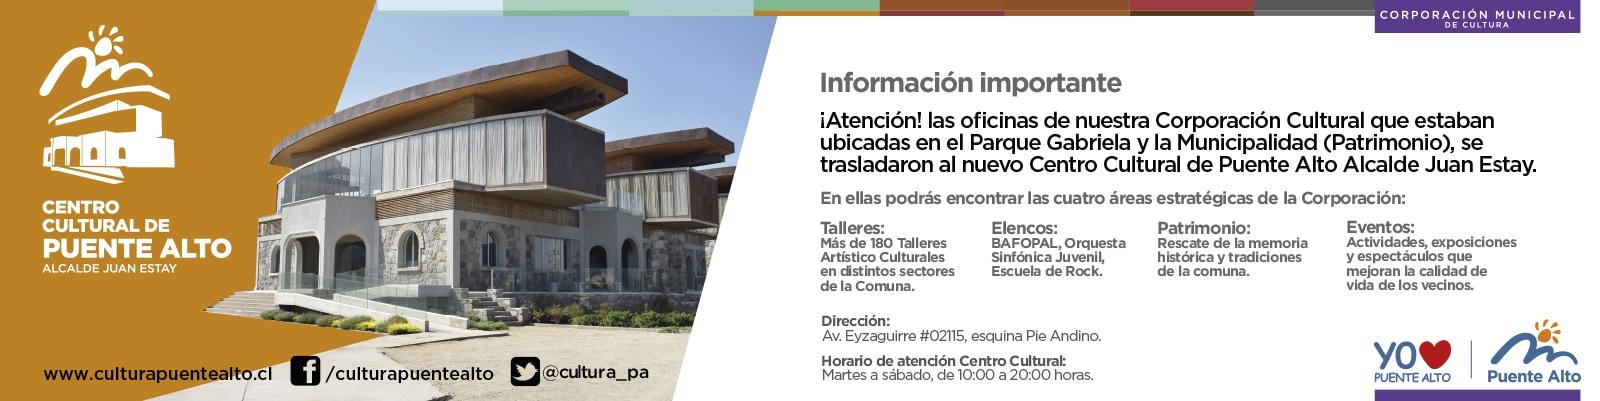 Nuevas oficinas de la Corporación Cultural Municipal de Puente Alto.